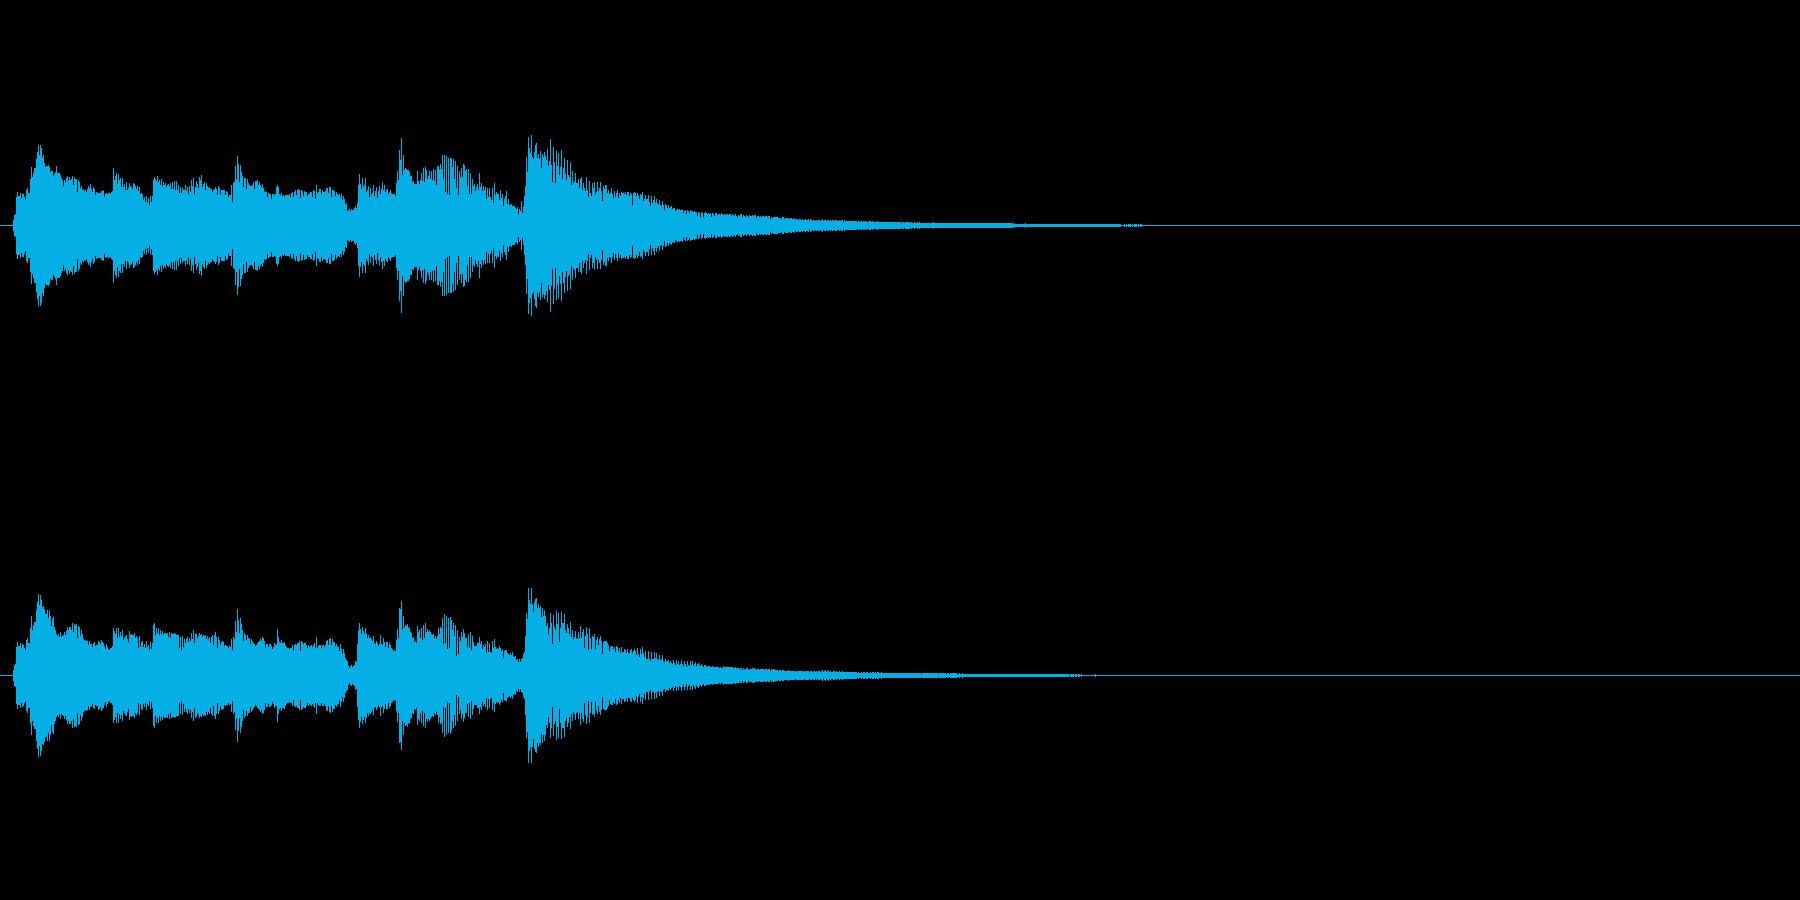 アコースティックギターによるアイキャッチの再生済みの波形